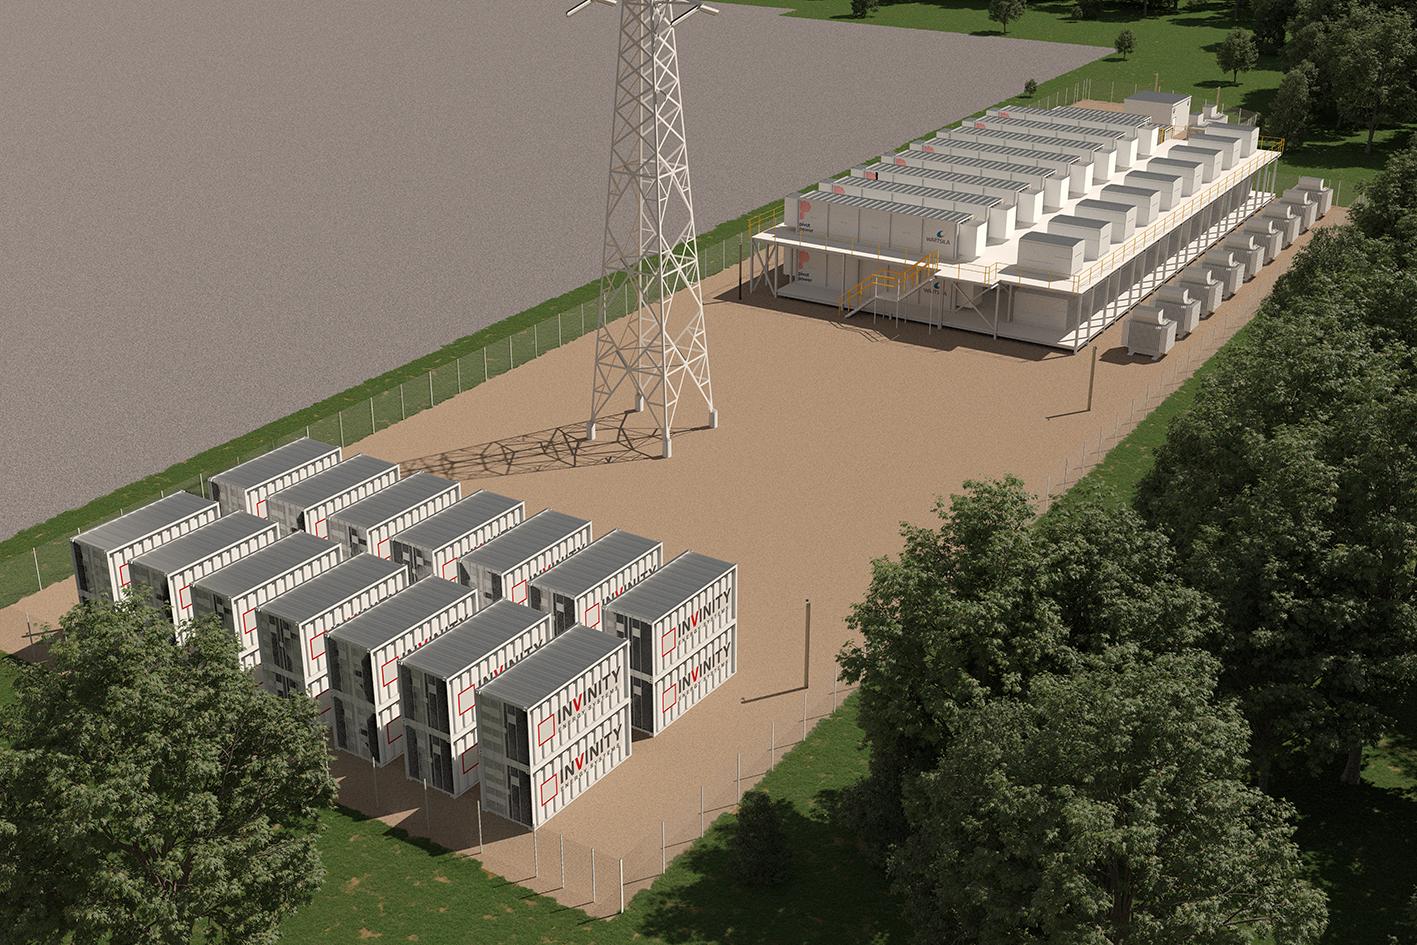 Energy Superhub Oxford rendering of future storage site.